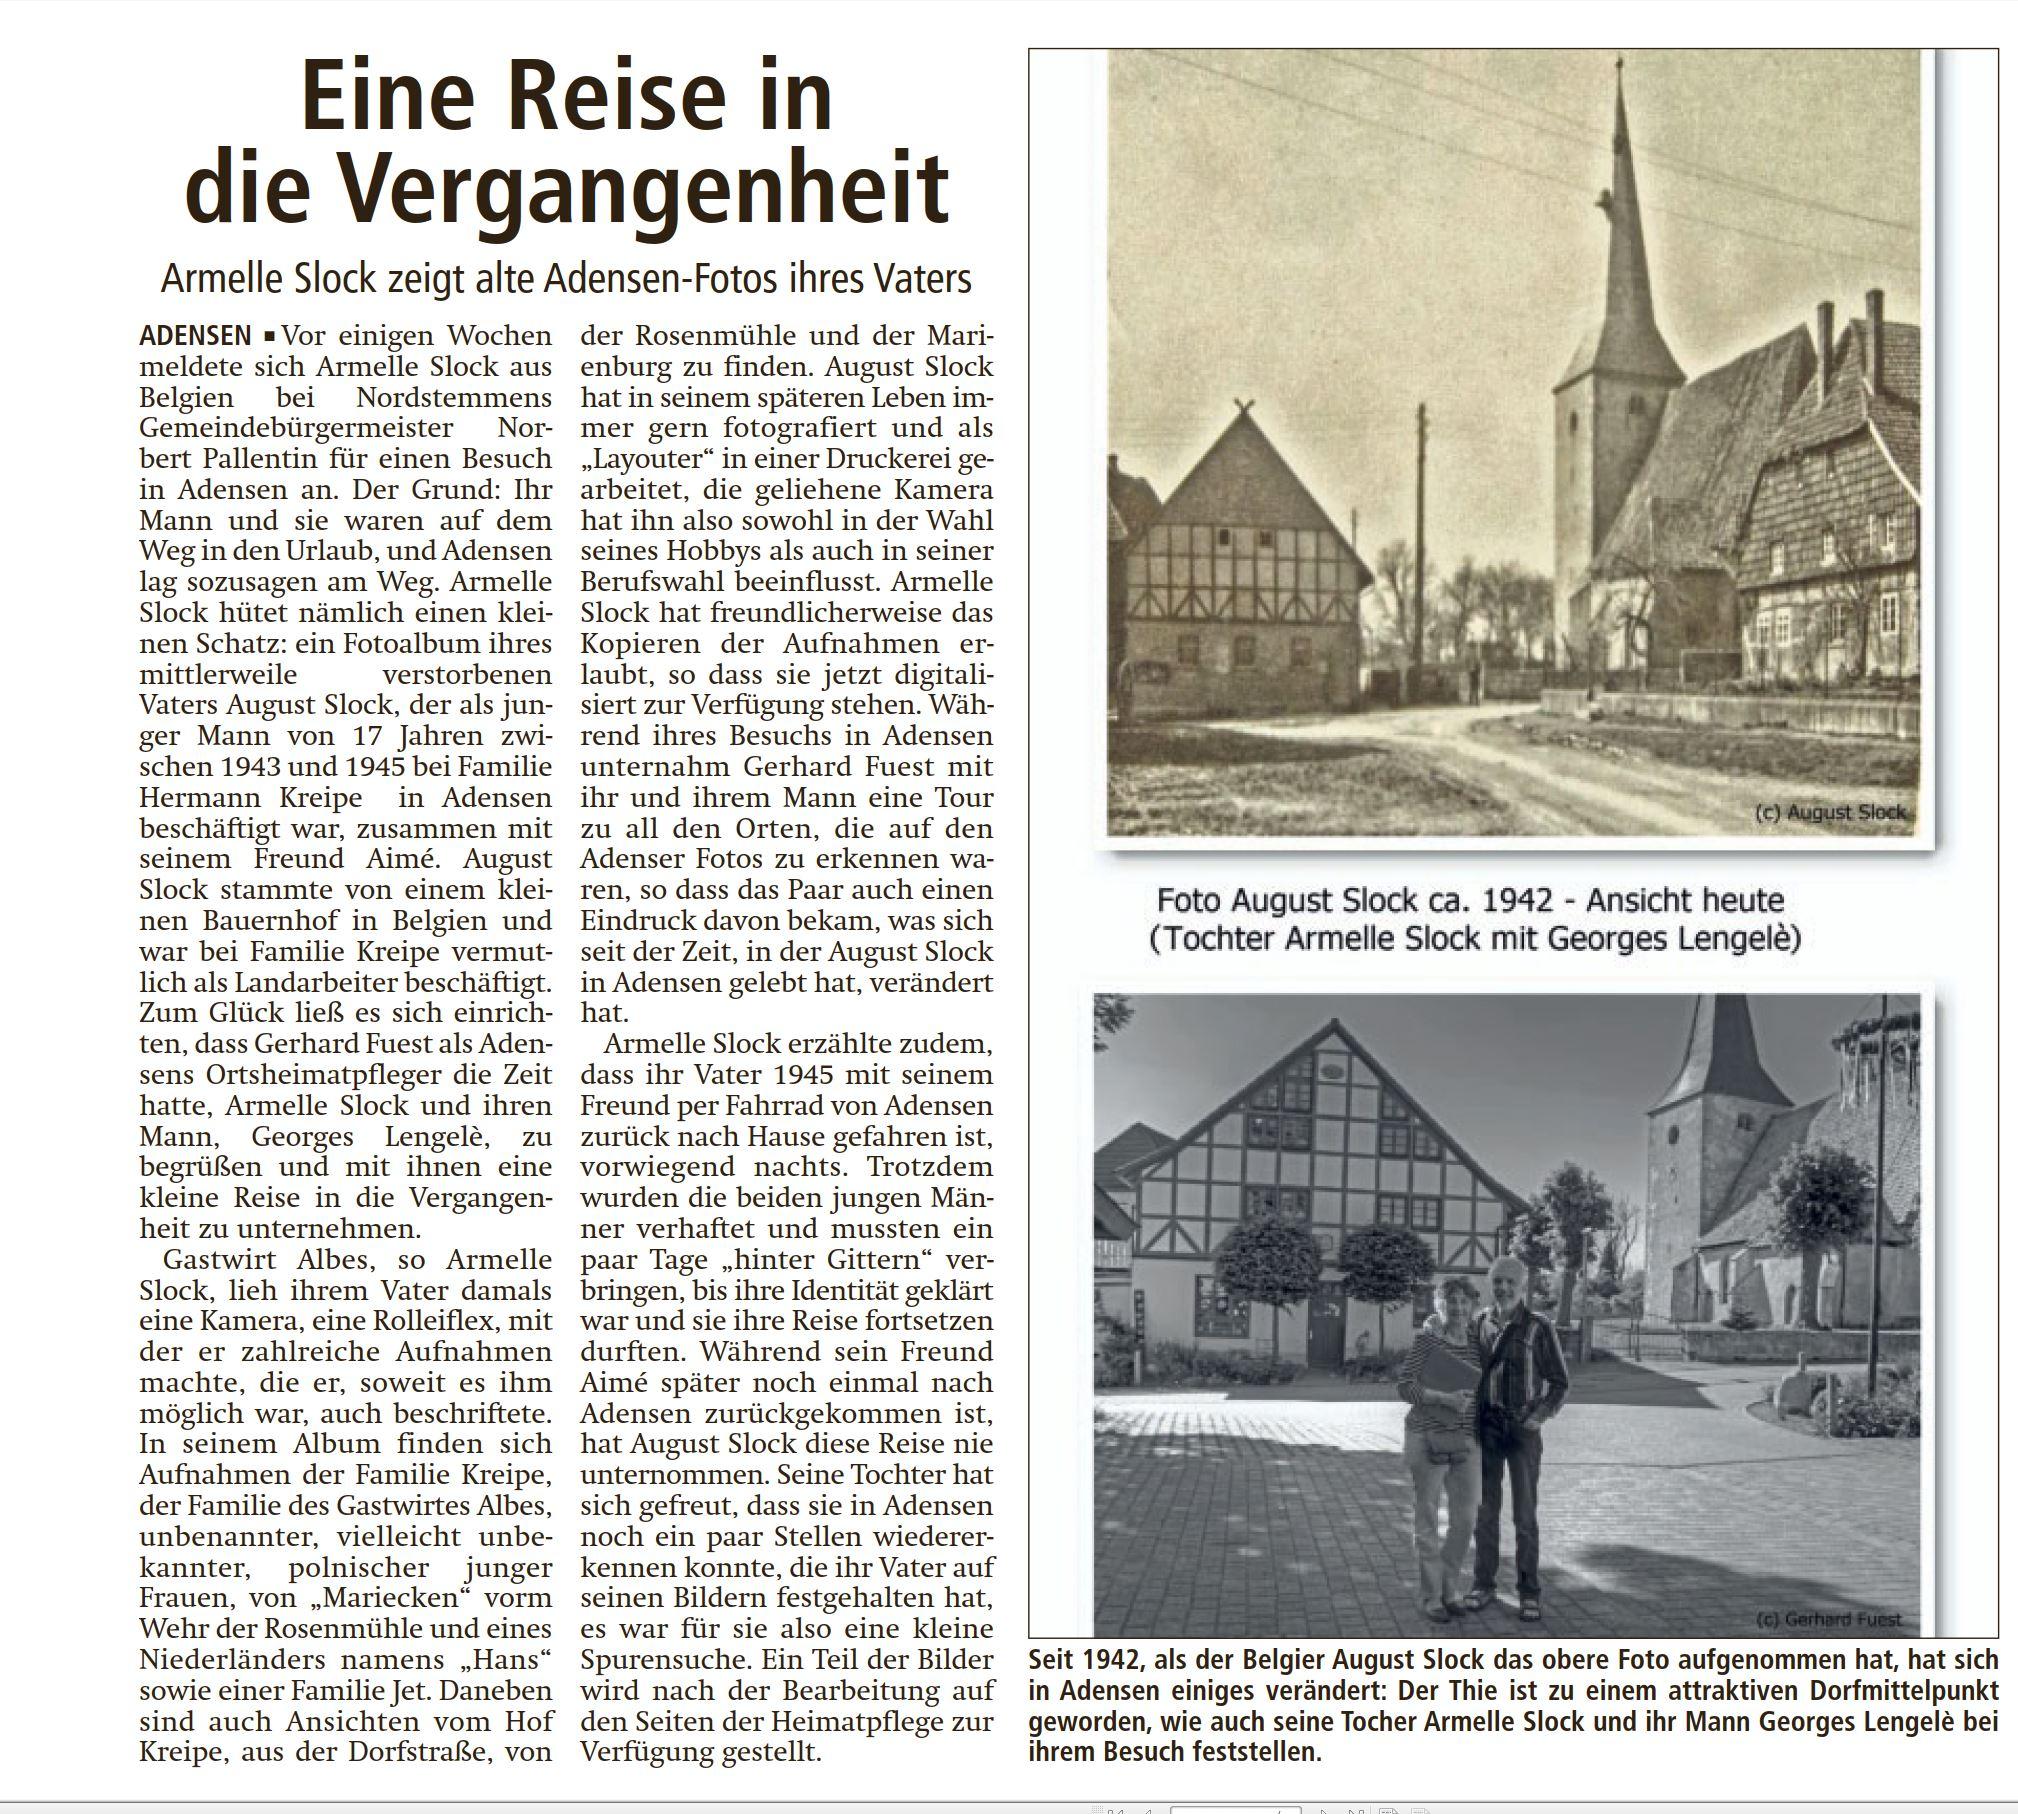 Bericht der LDZ Leine Deister Zeitung über Frau Slock in Adensen